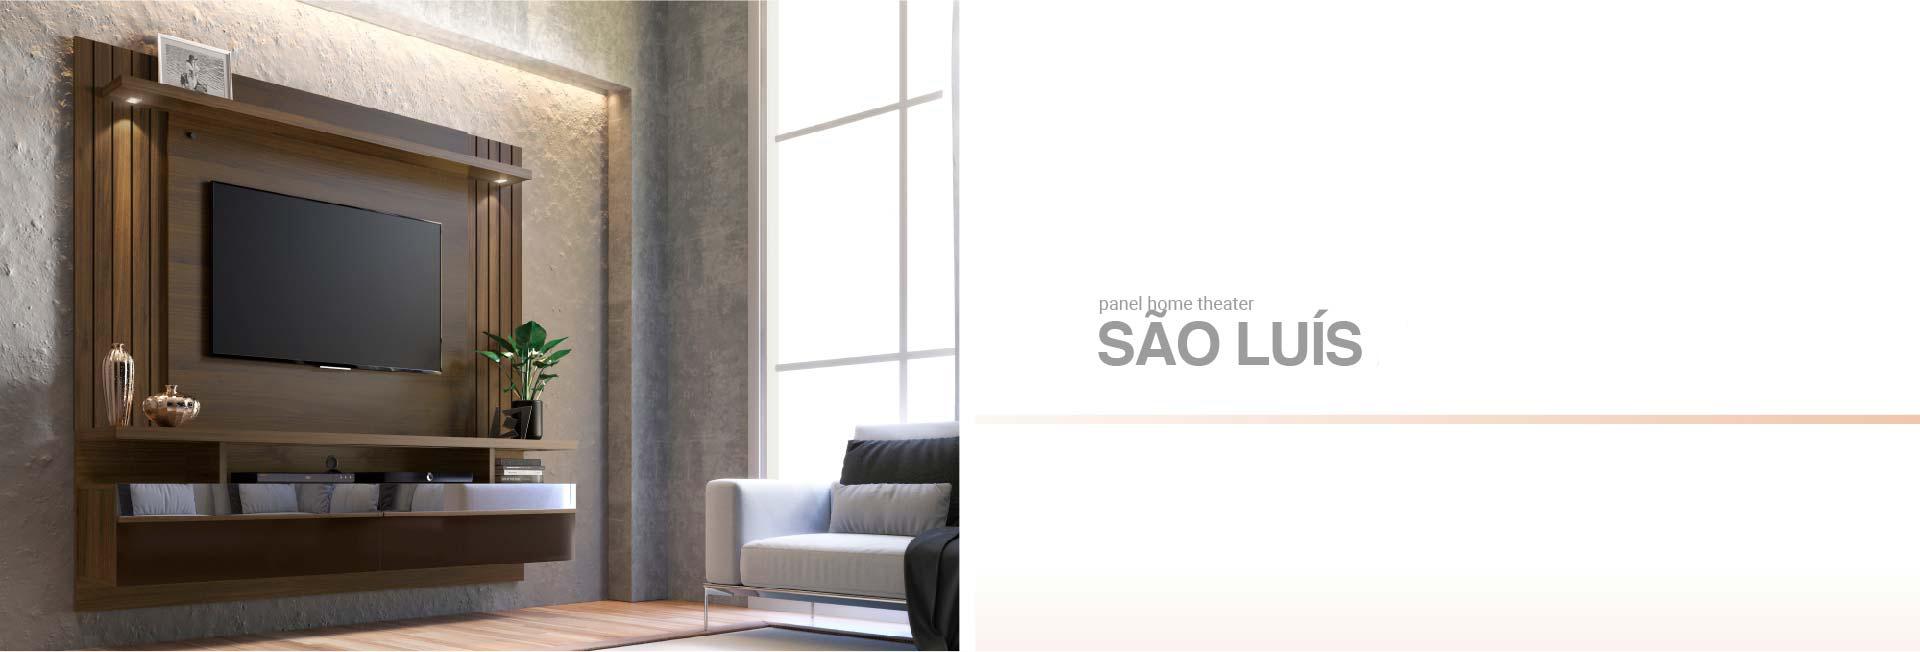 São Luís TV Panel